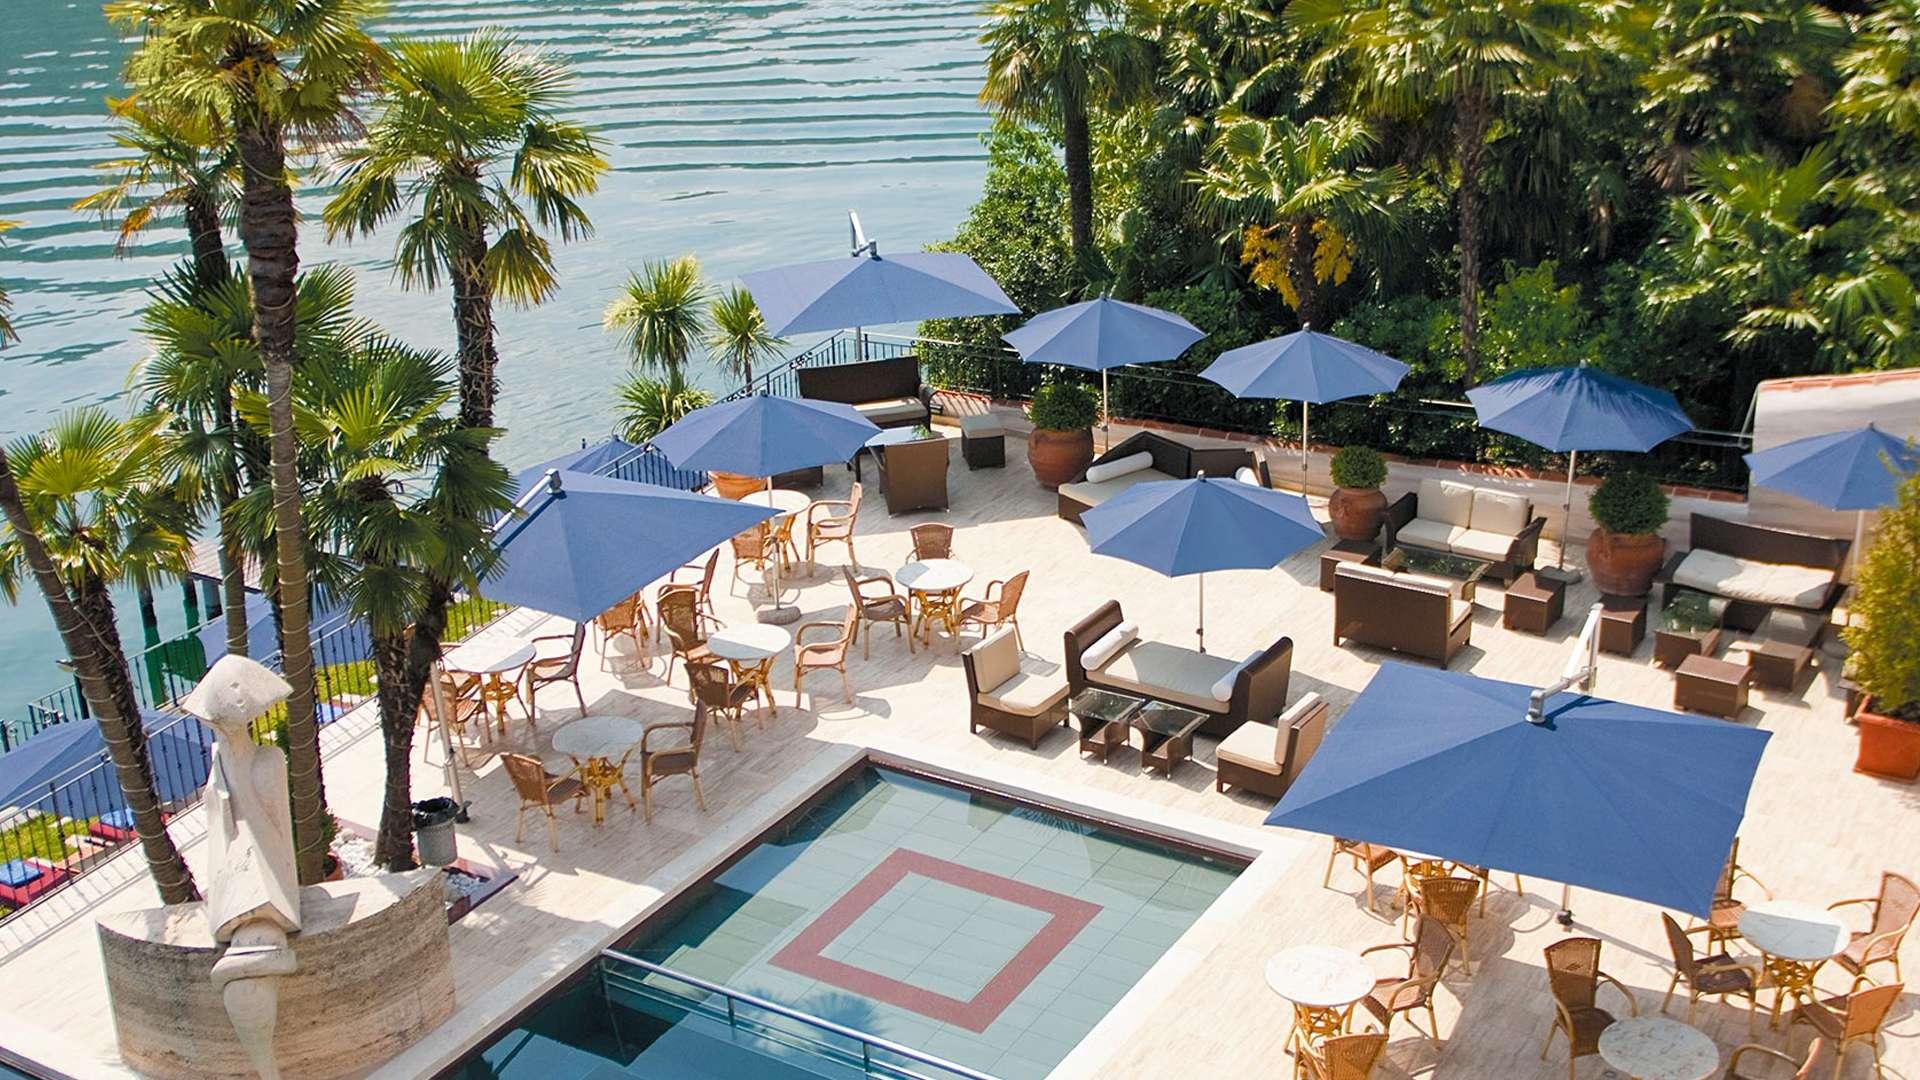 viele blaue Sombrano Sonnenschirme in eckiger und runder Ausführung um einen Hotelpool am Meer